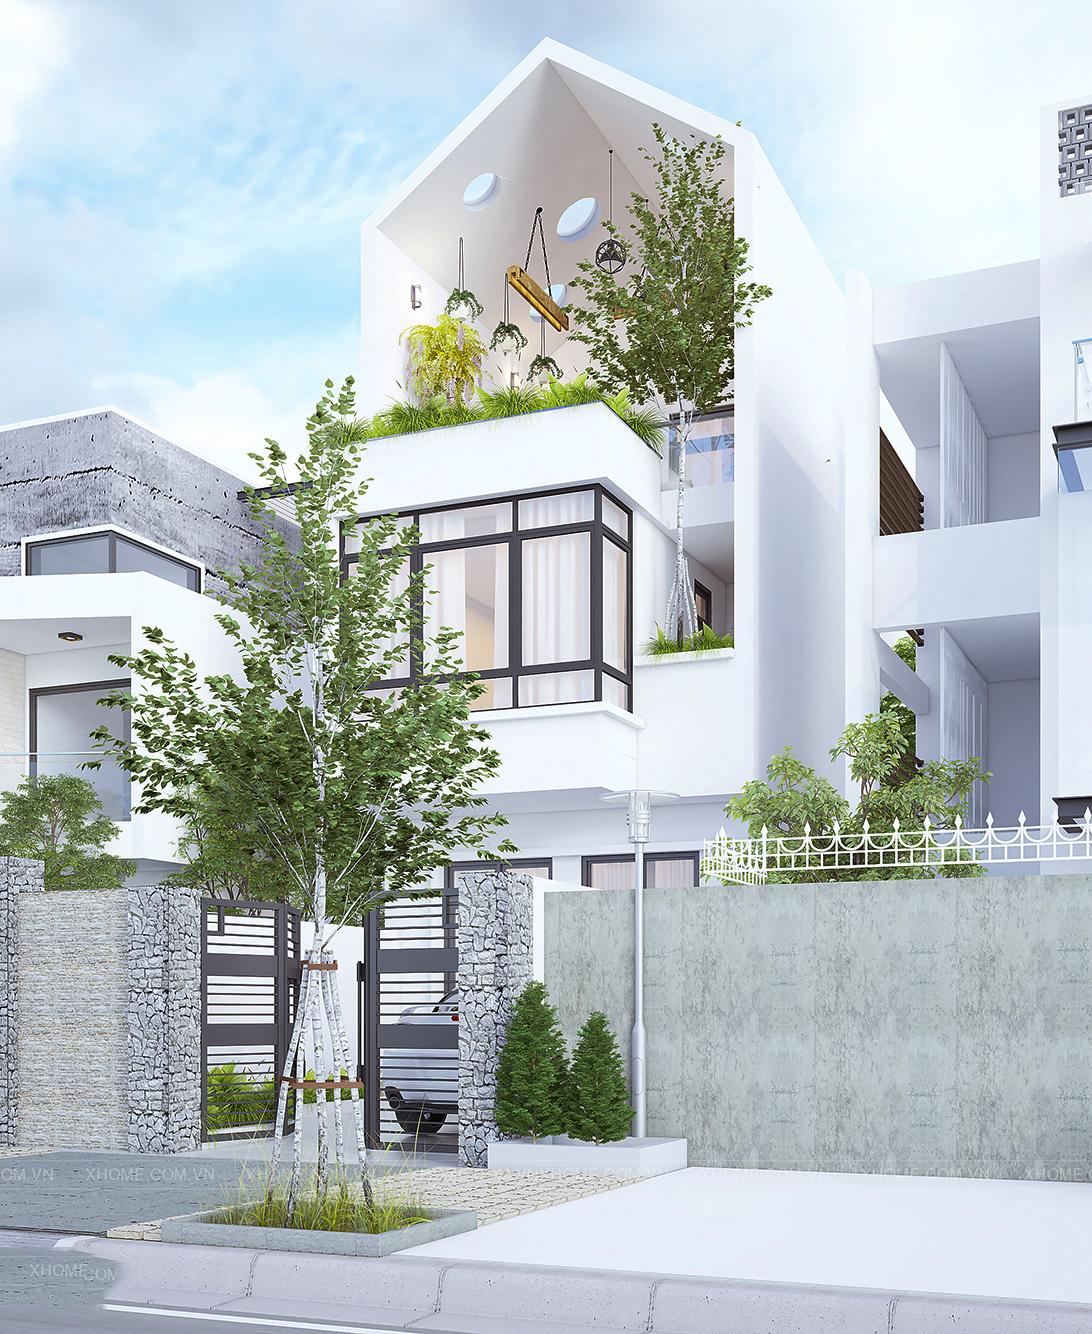 thiết kế nhà phố 3 tầng sang trọng